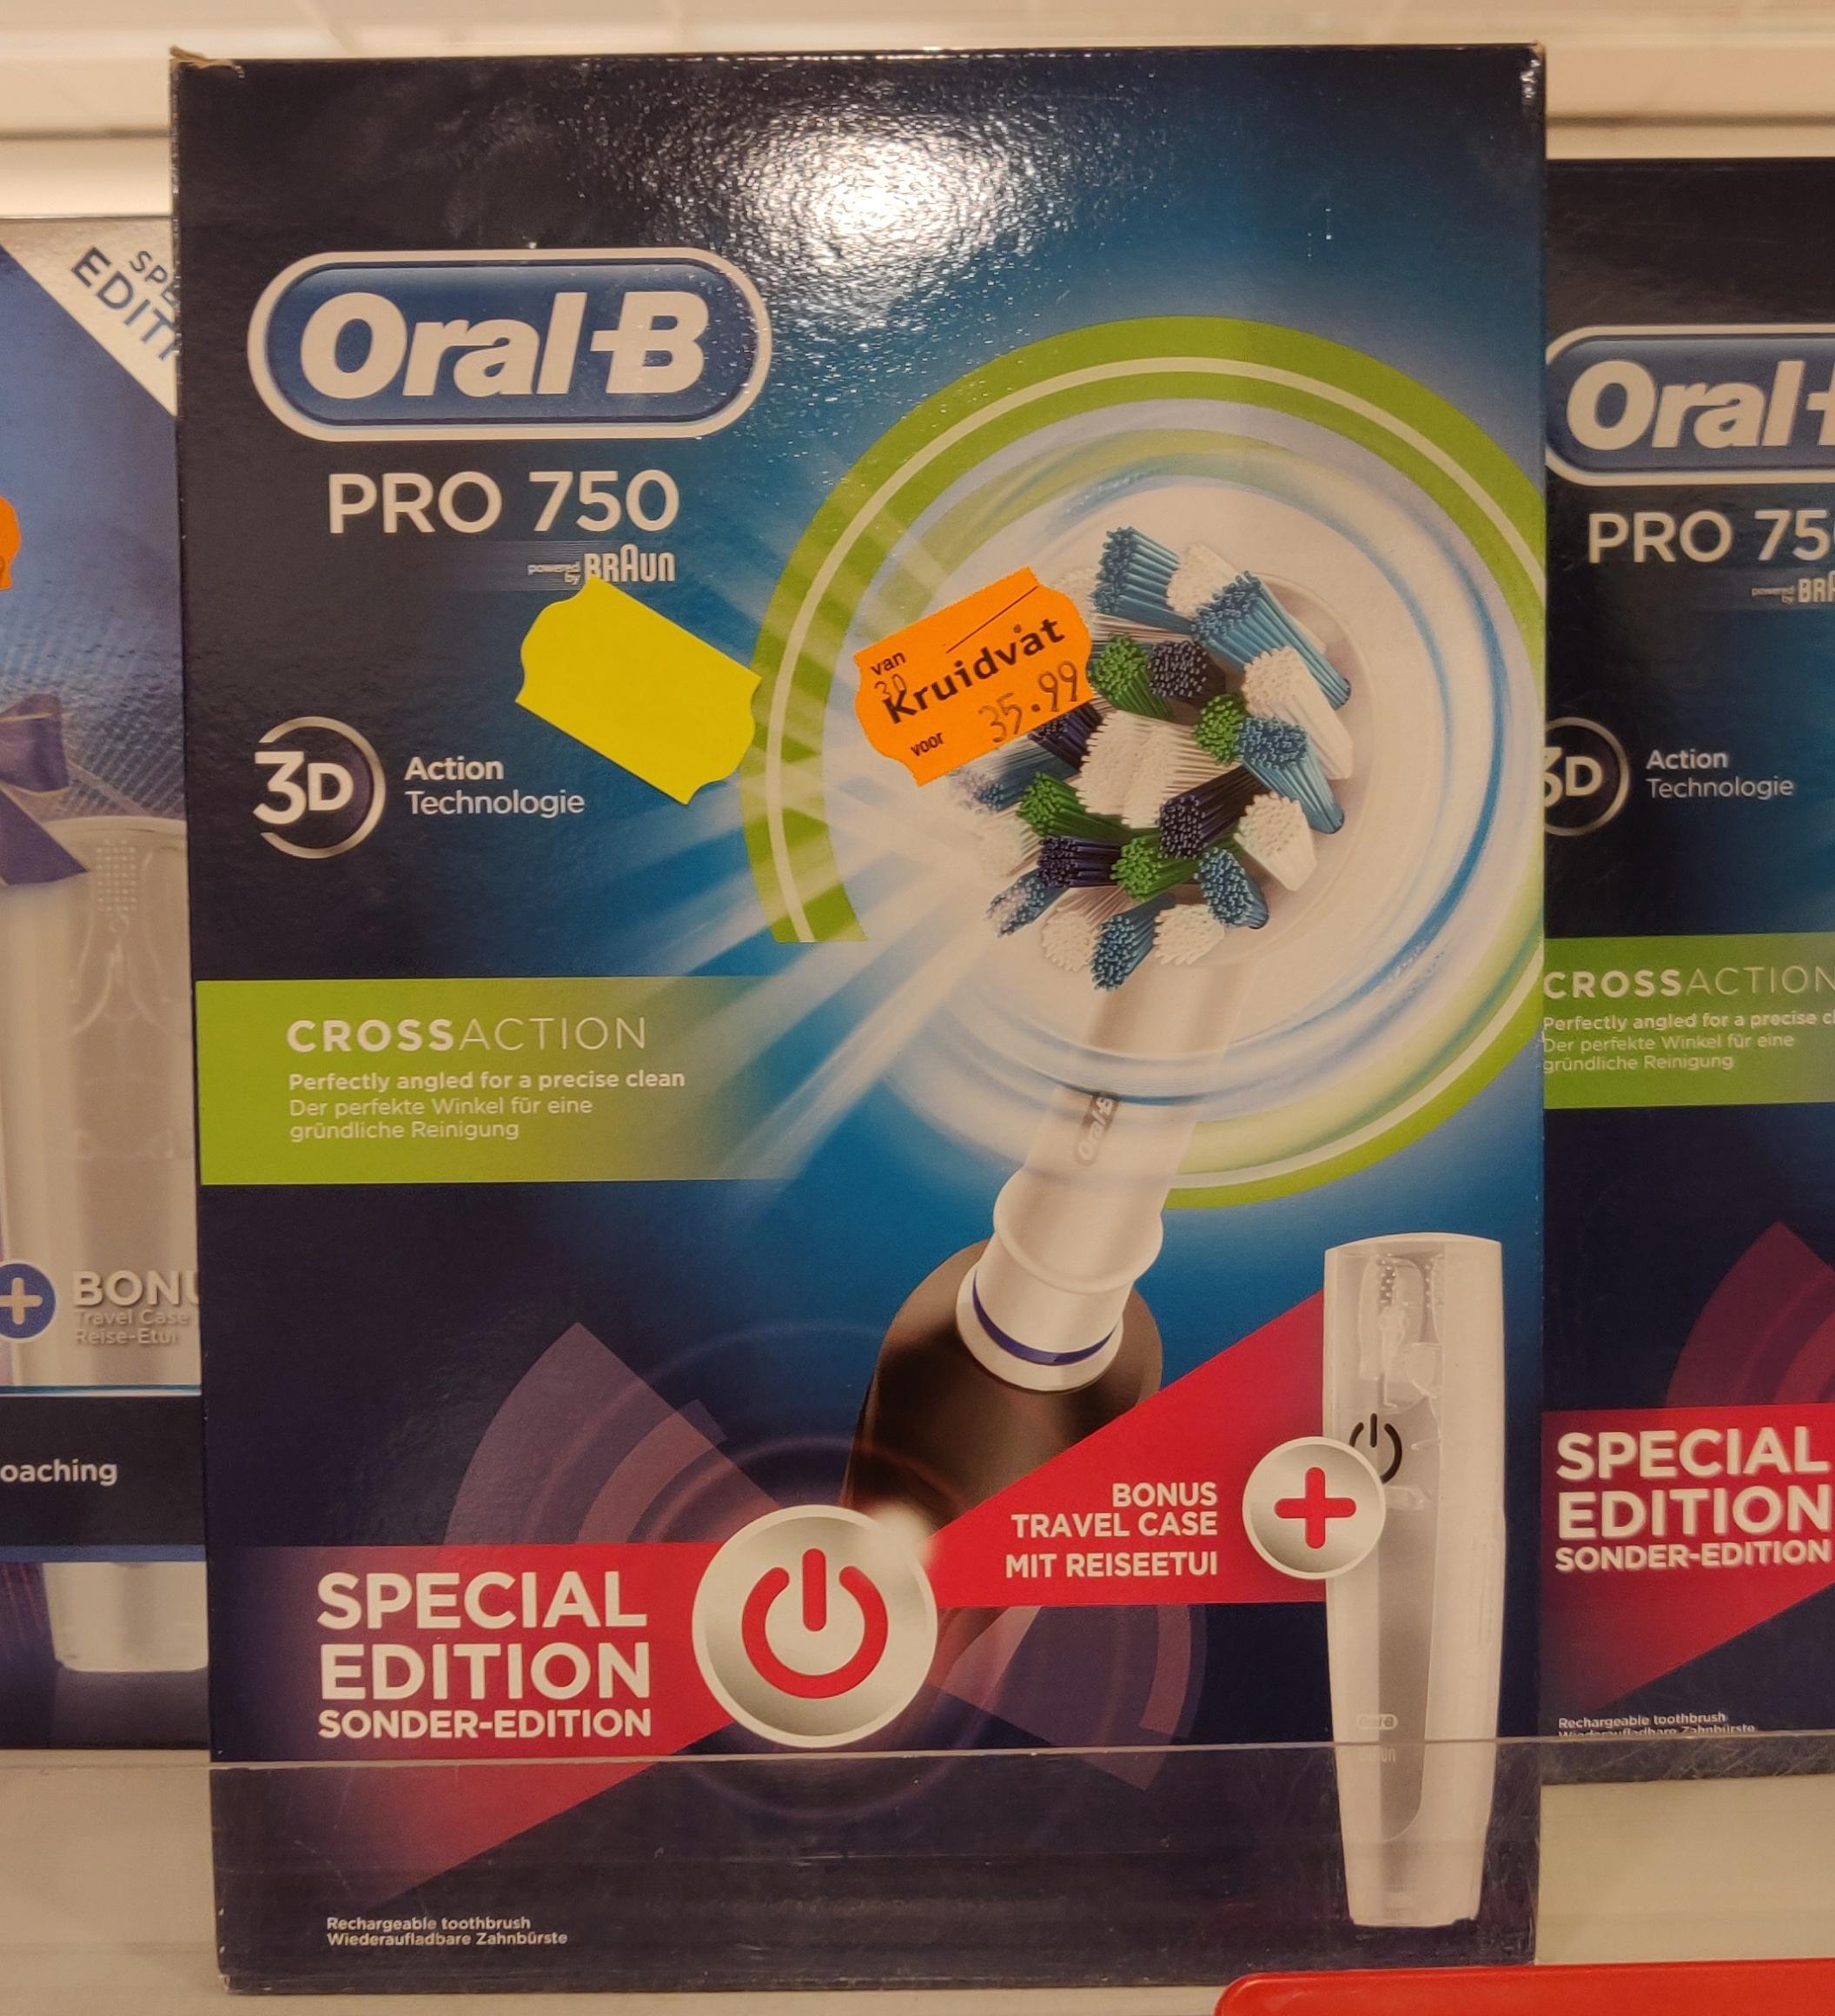 [lokaal] Oral-B pro 750 voor €17,99 en 4500s voor €44,99 @Kruidvat